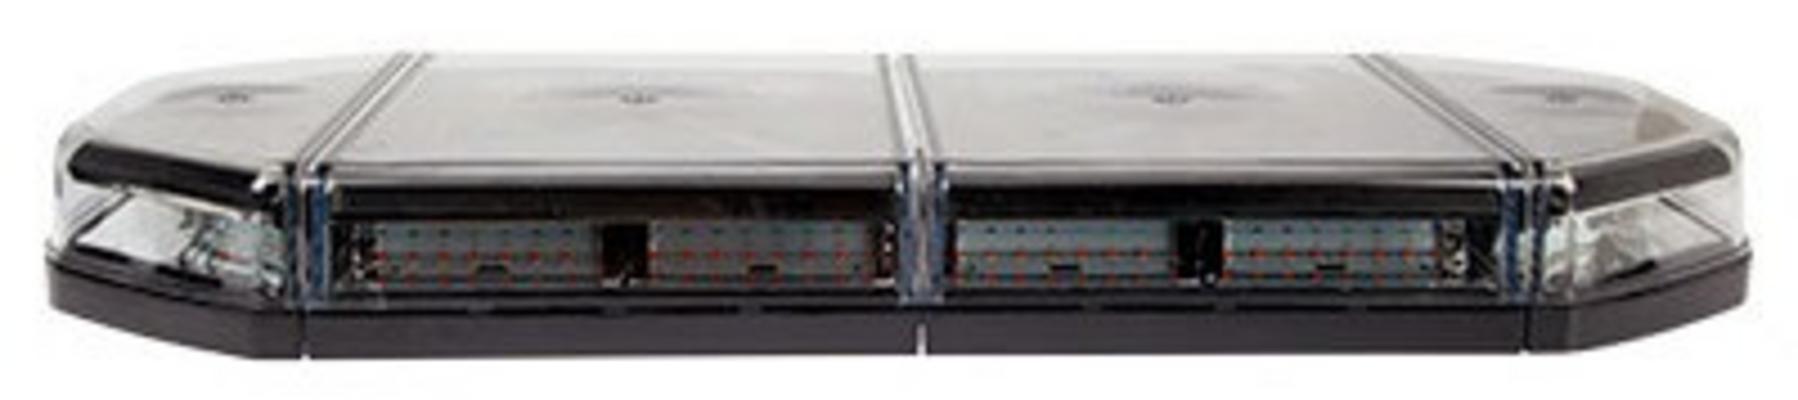 Led-paneelimajakka (694 mm), TruckVision